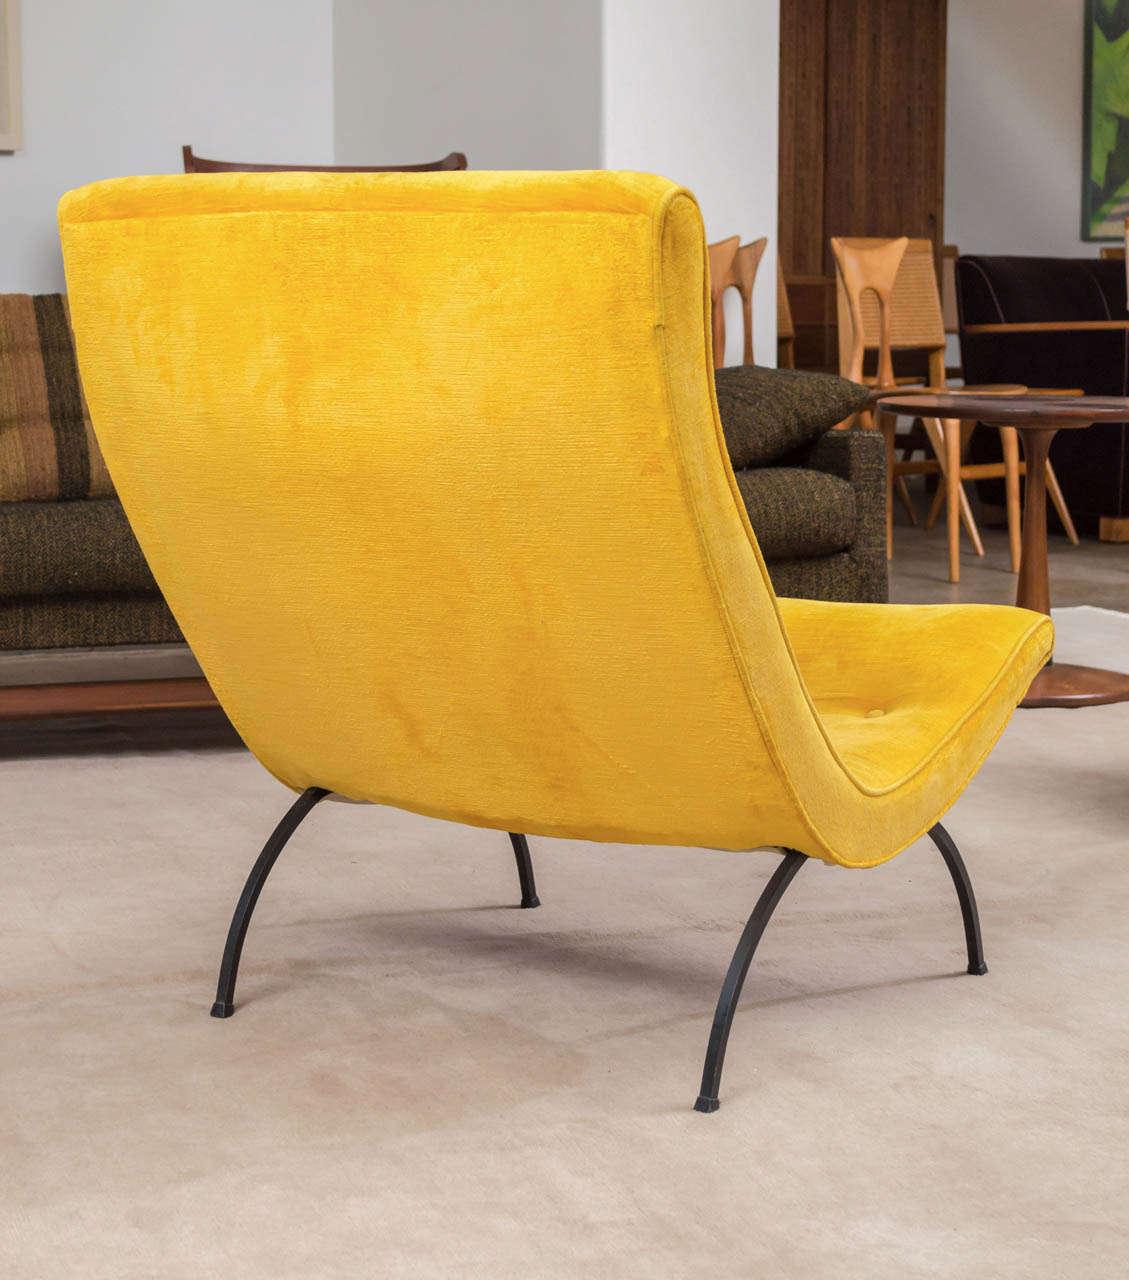 Milo Baughman - Scoop Chair 5